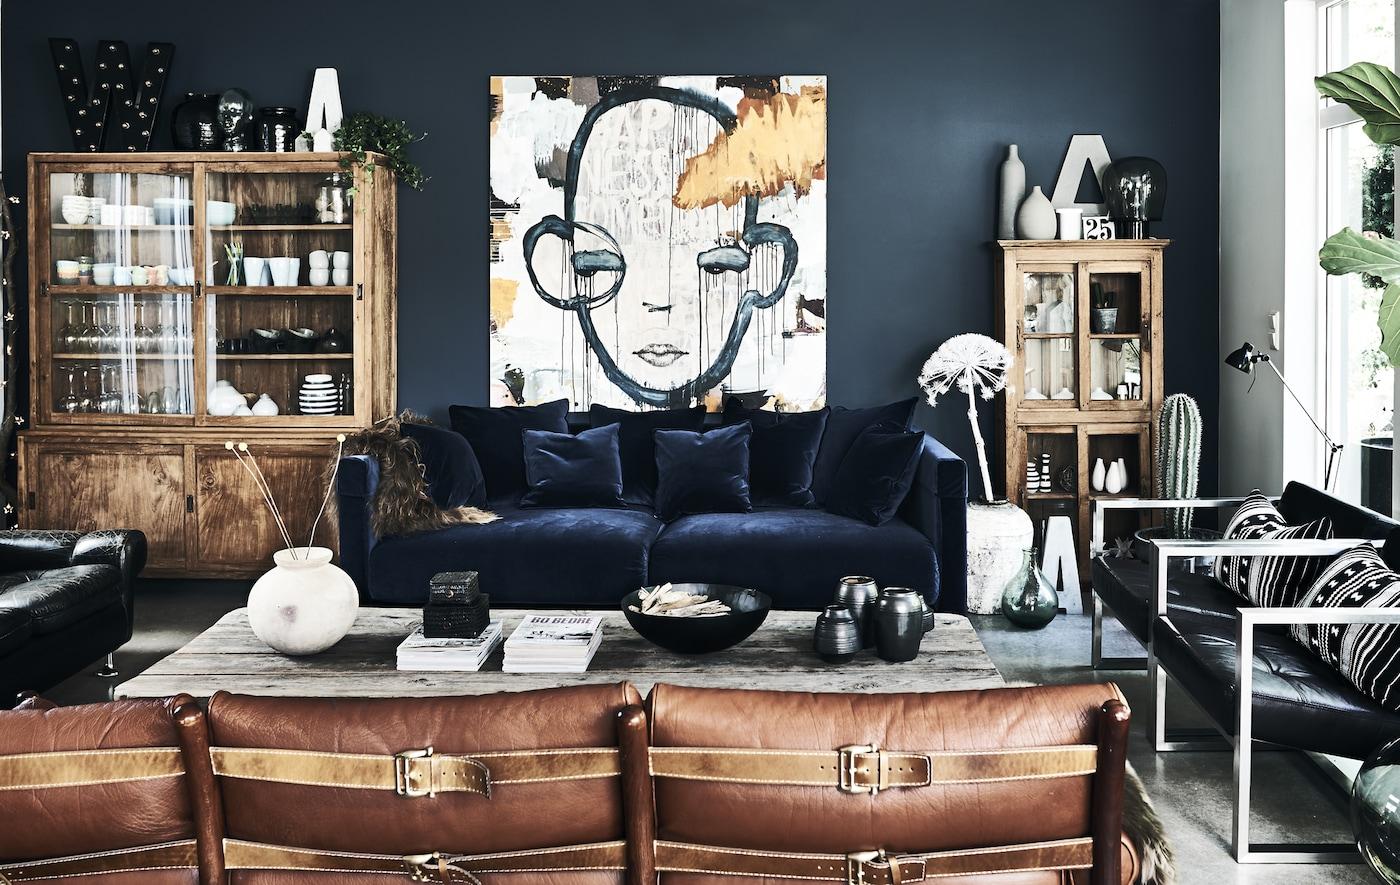 Séjour avec canapé en velours bleu et murs foncés.